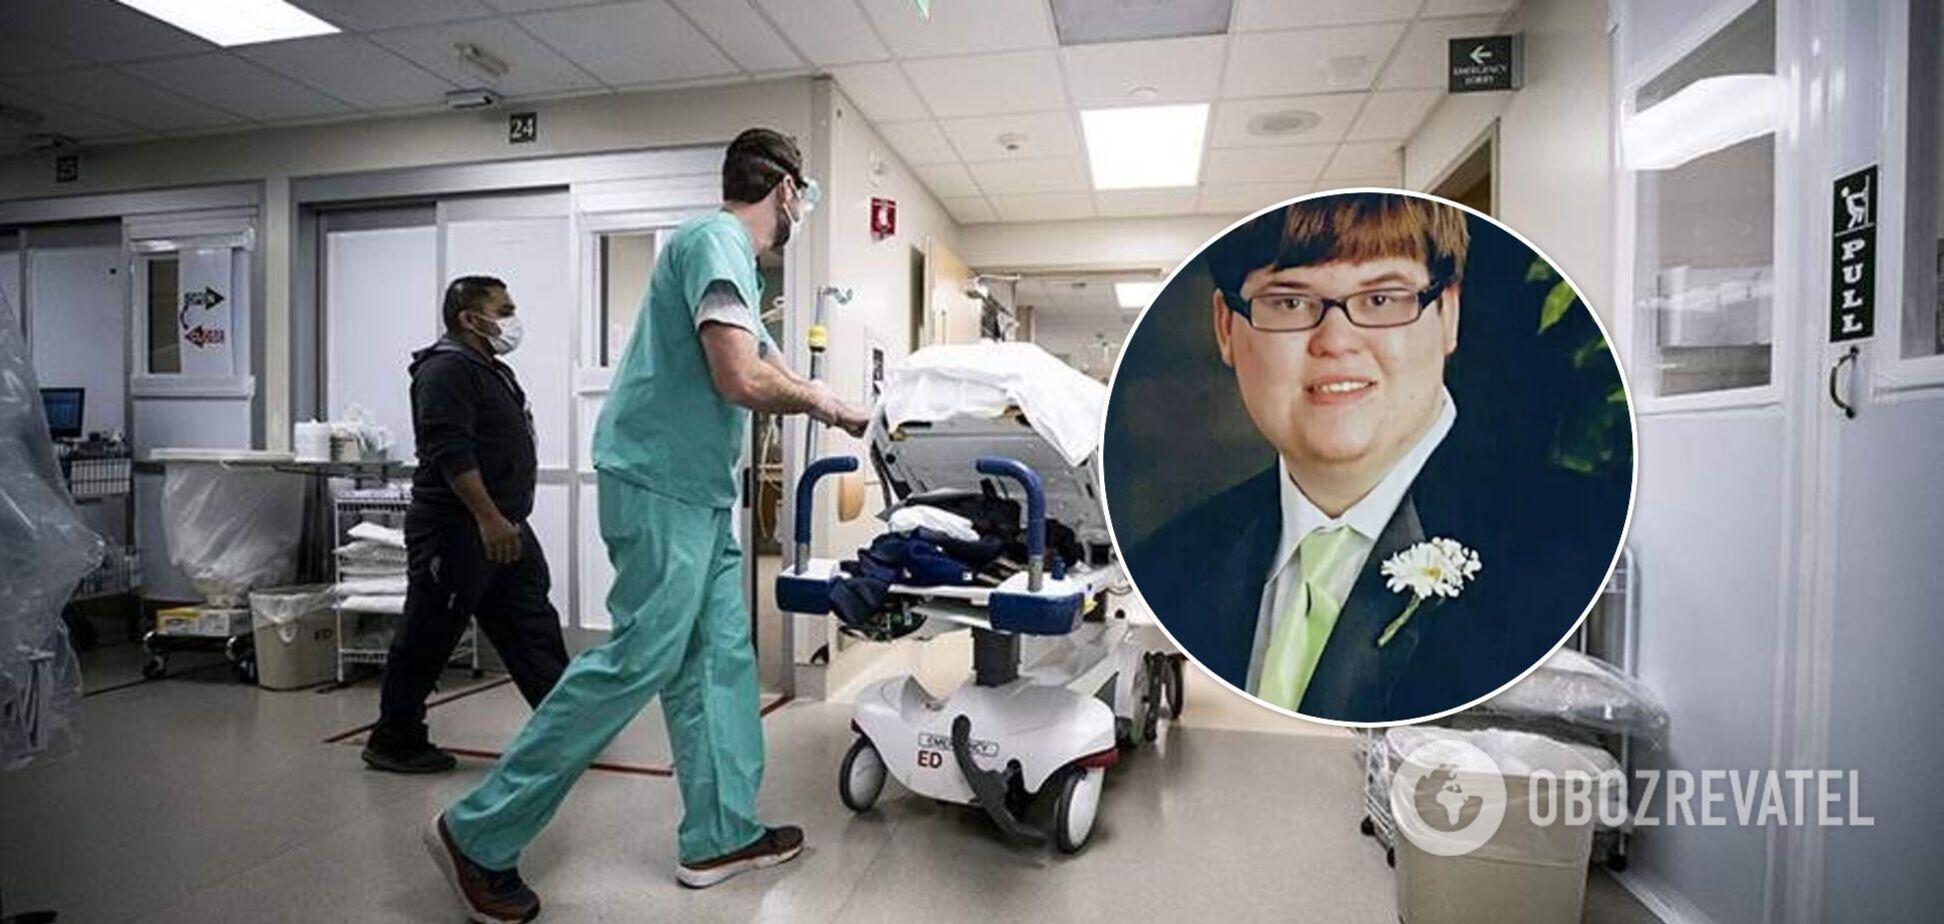 28-летний парень умер от COVID-19: мать рассказала о роковой ошибке и назвала его последние слова